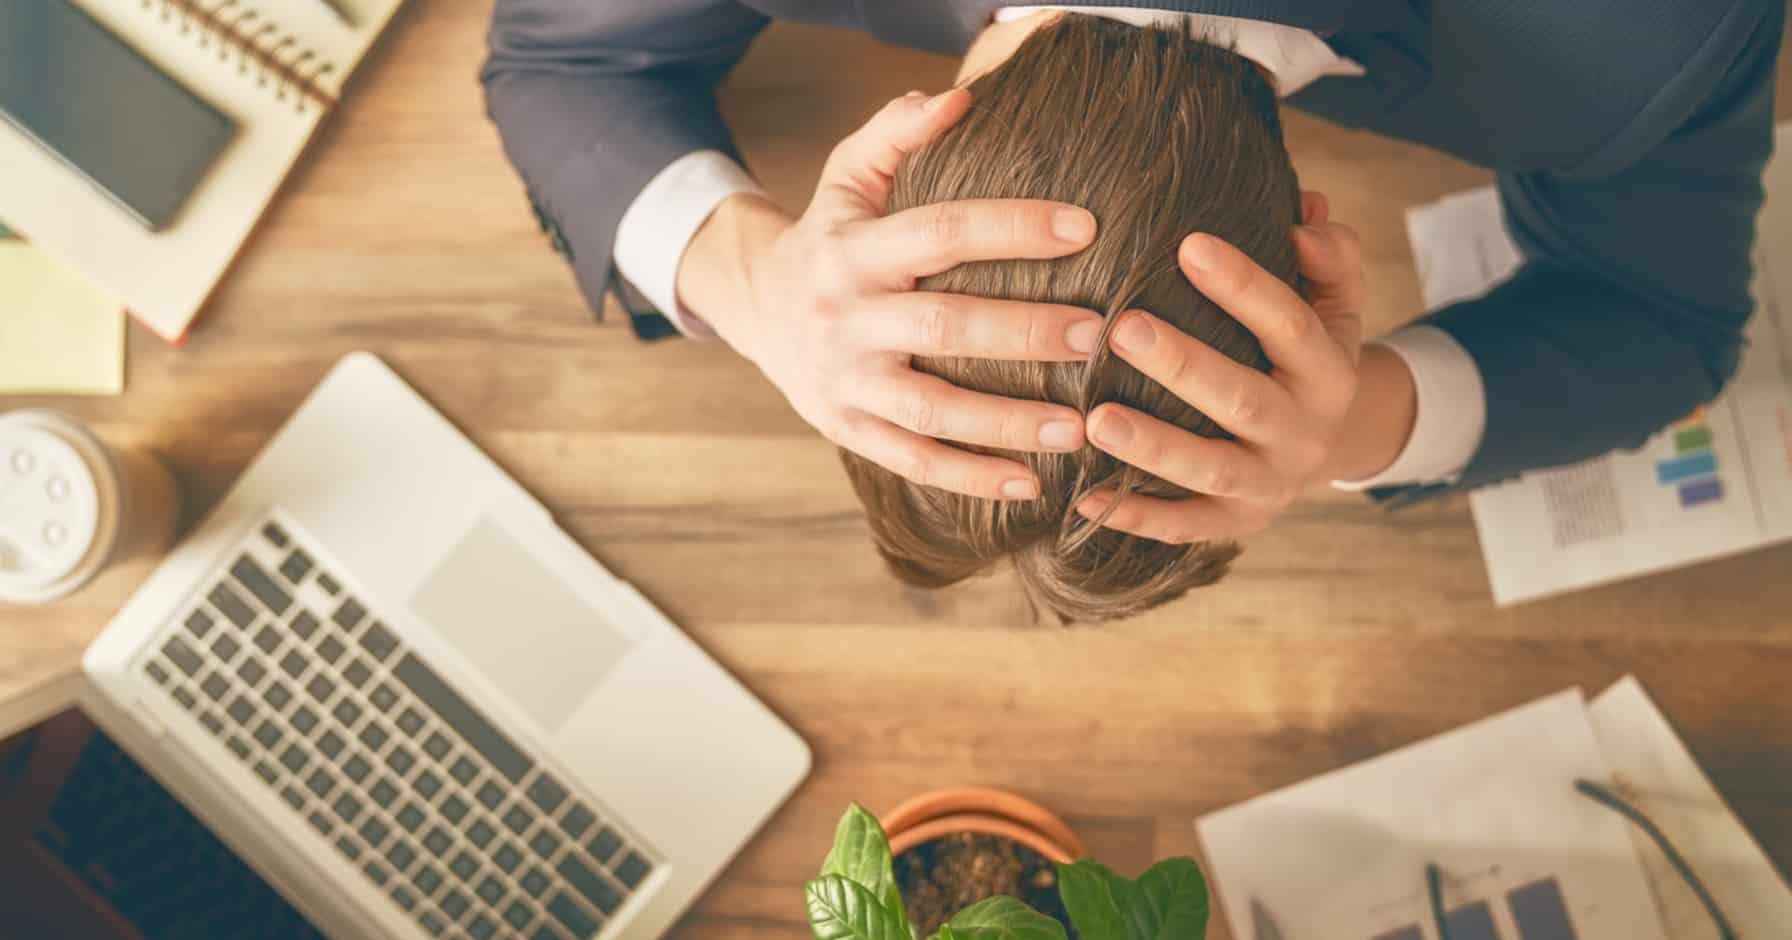 Ablauf Beim Wohnungskauf Ubersicht Vorgehen Infos Tipps